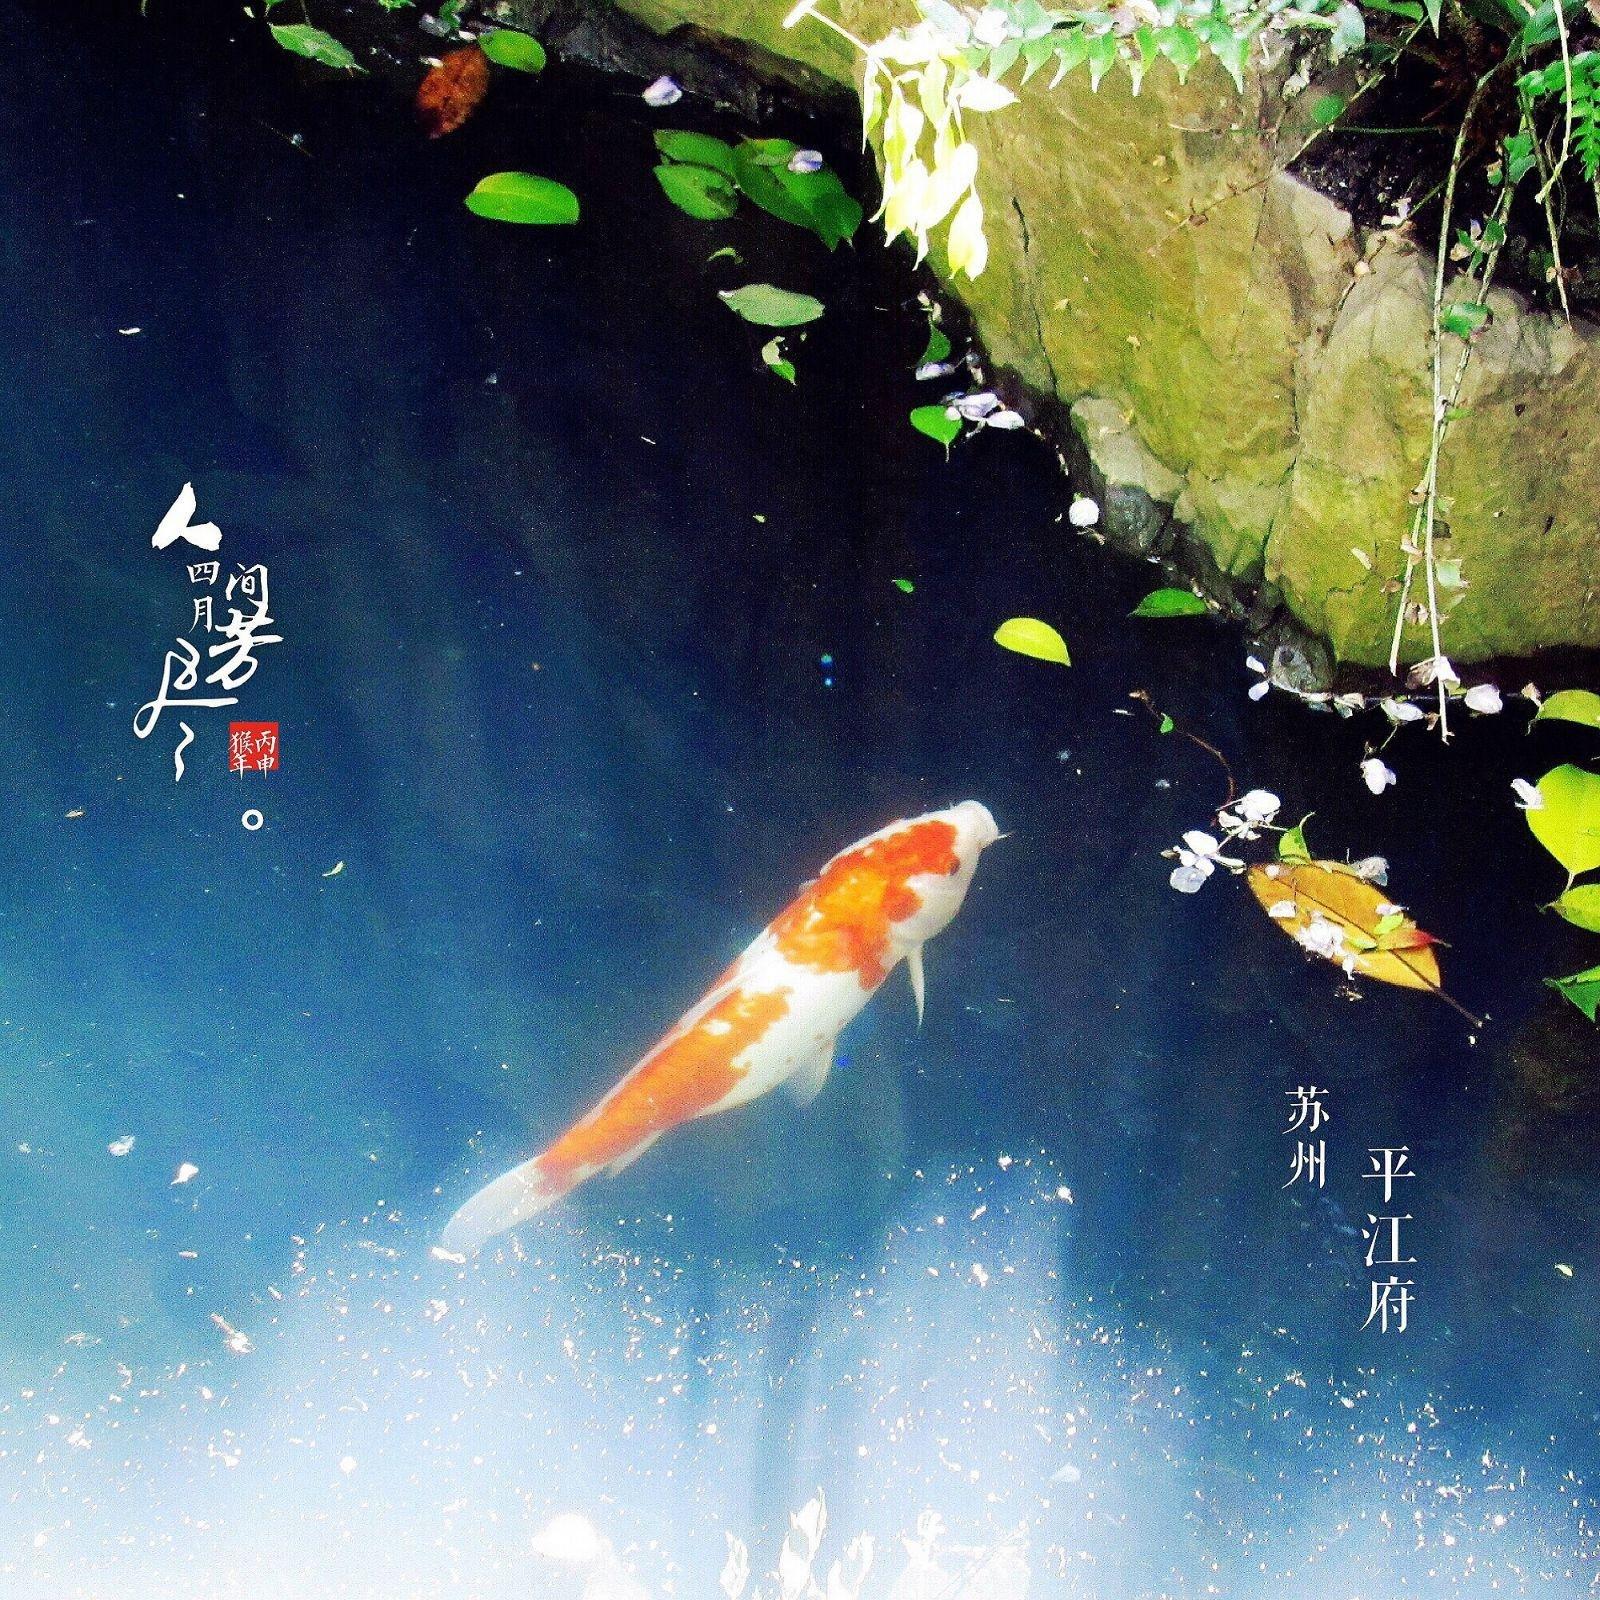 【元宝游记】过个诗情画意的周末——苏州